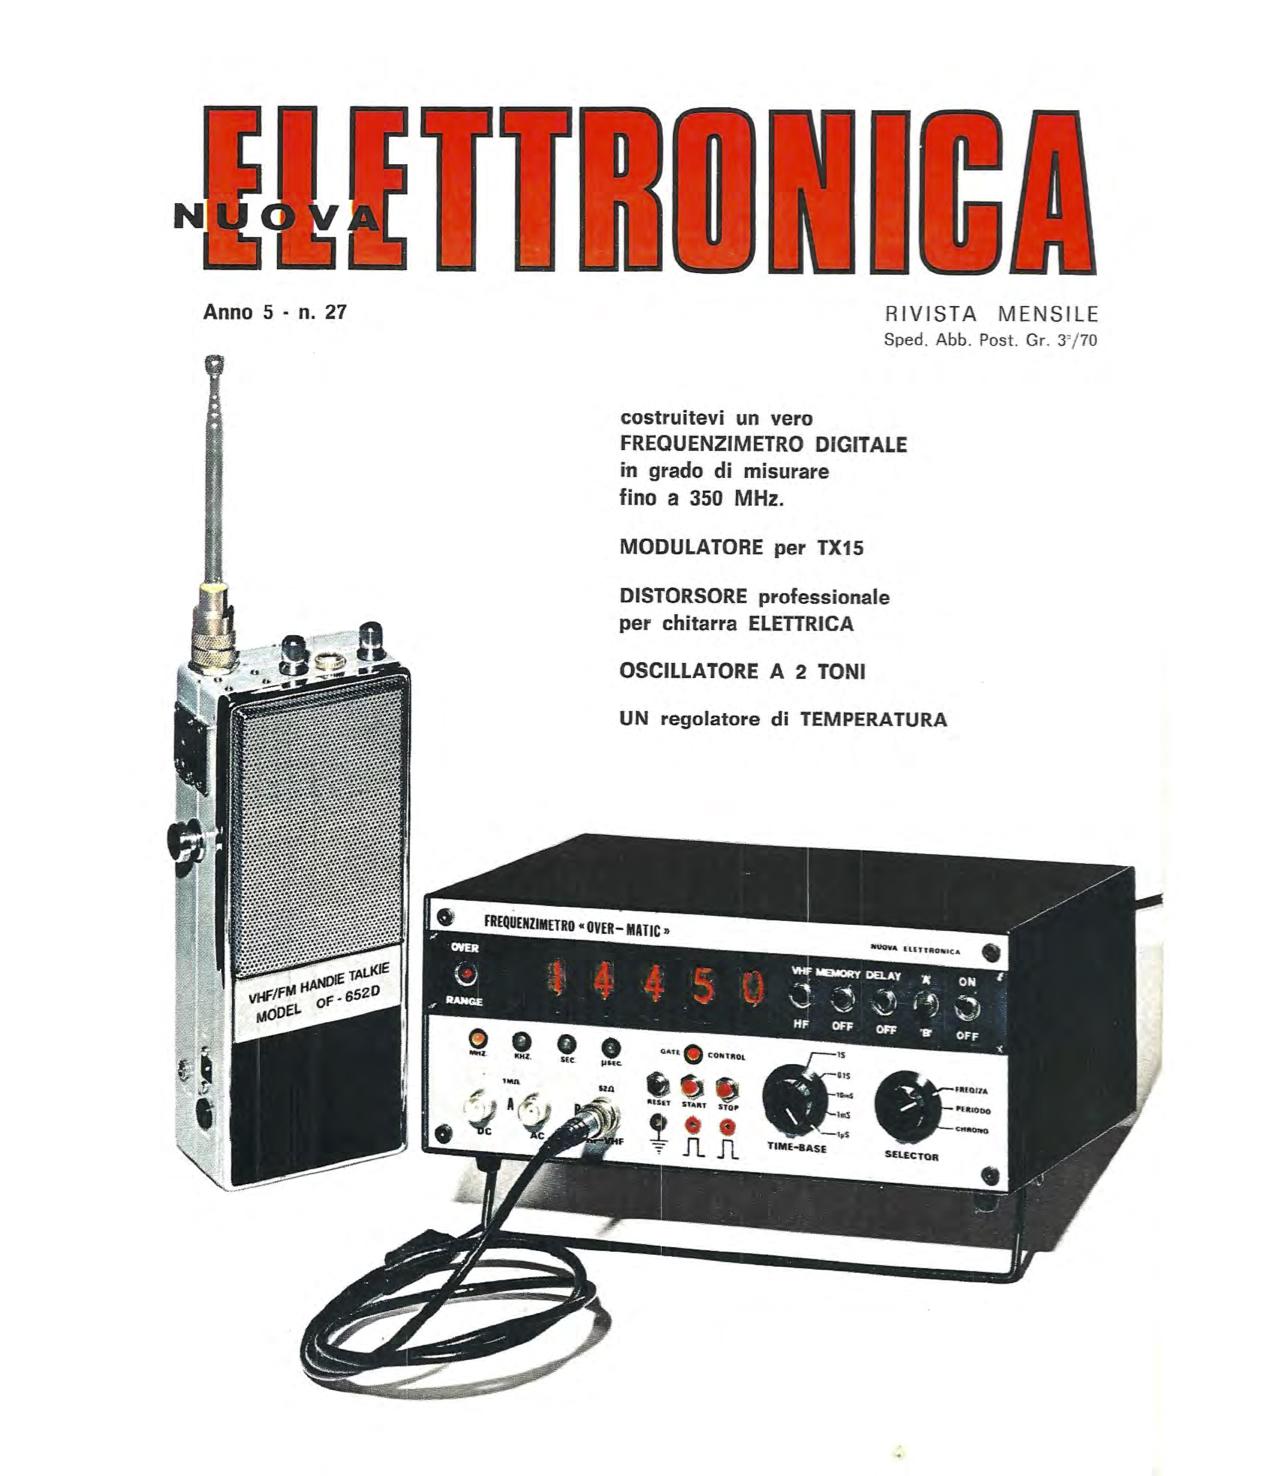 Copertina della rivista Nuova Elettronica